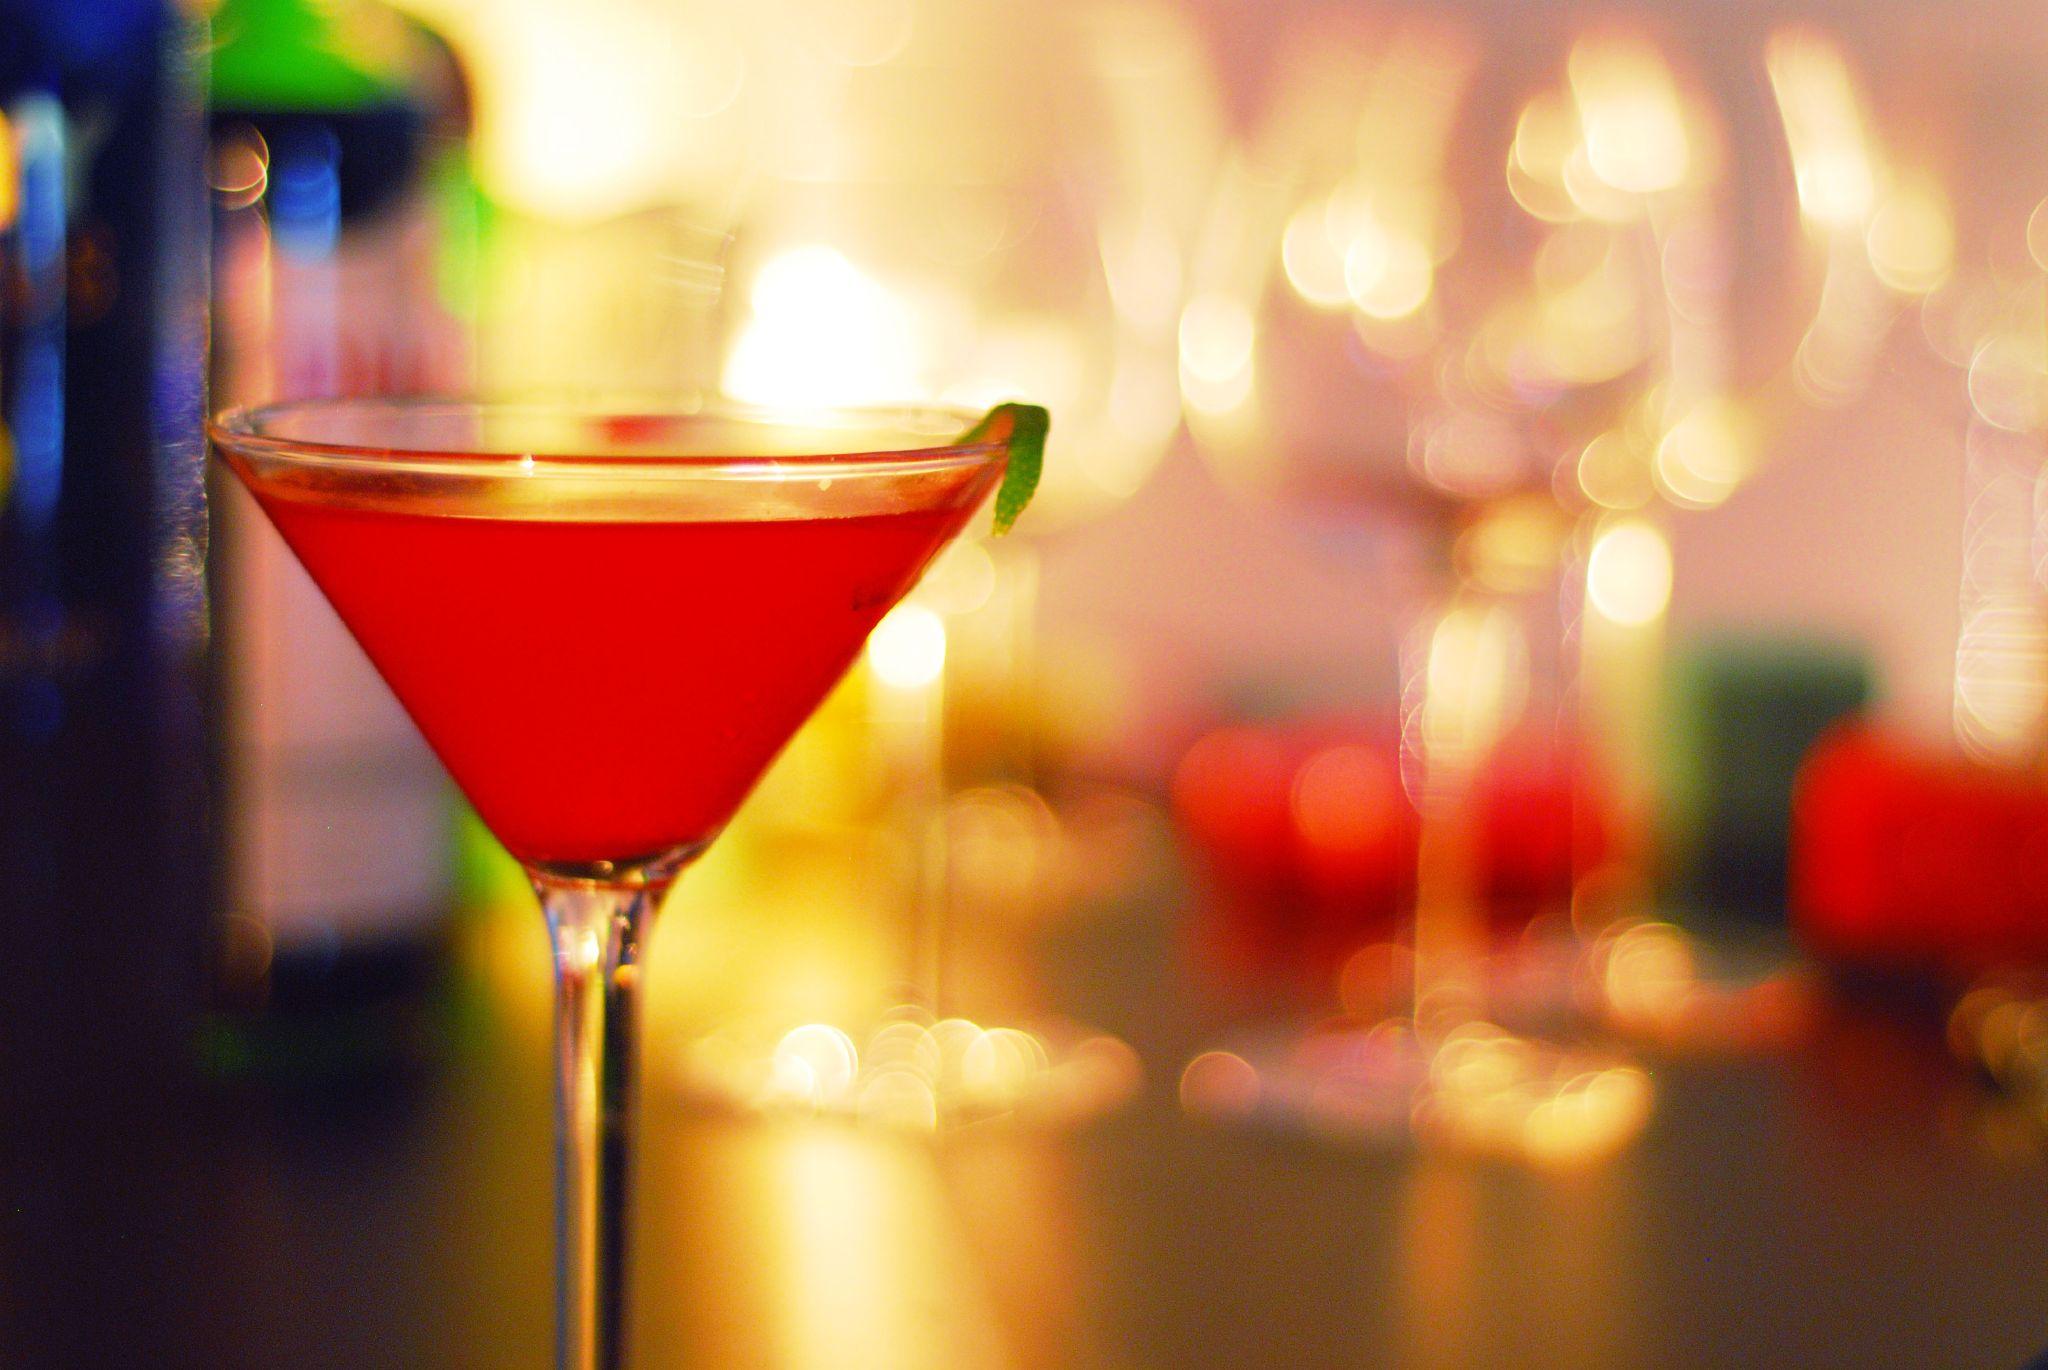 Cosmopolitan cocktail wallpaper  Wallpaper : drink, bokeh, Manhattan, margarita, Martini ...